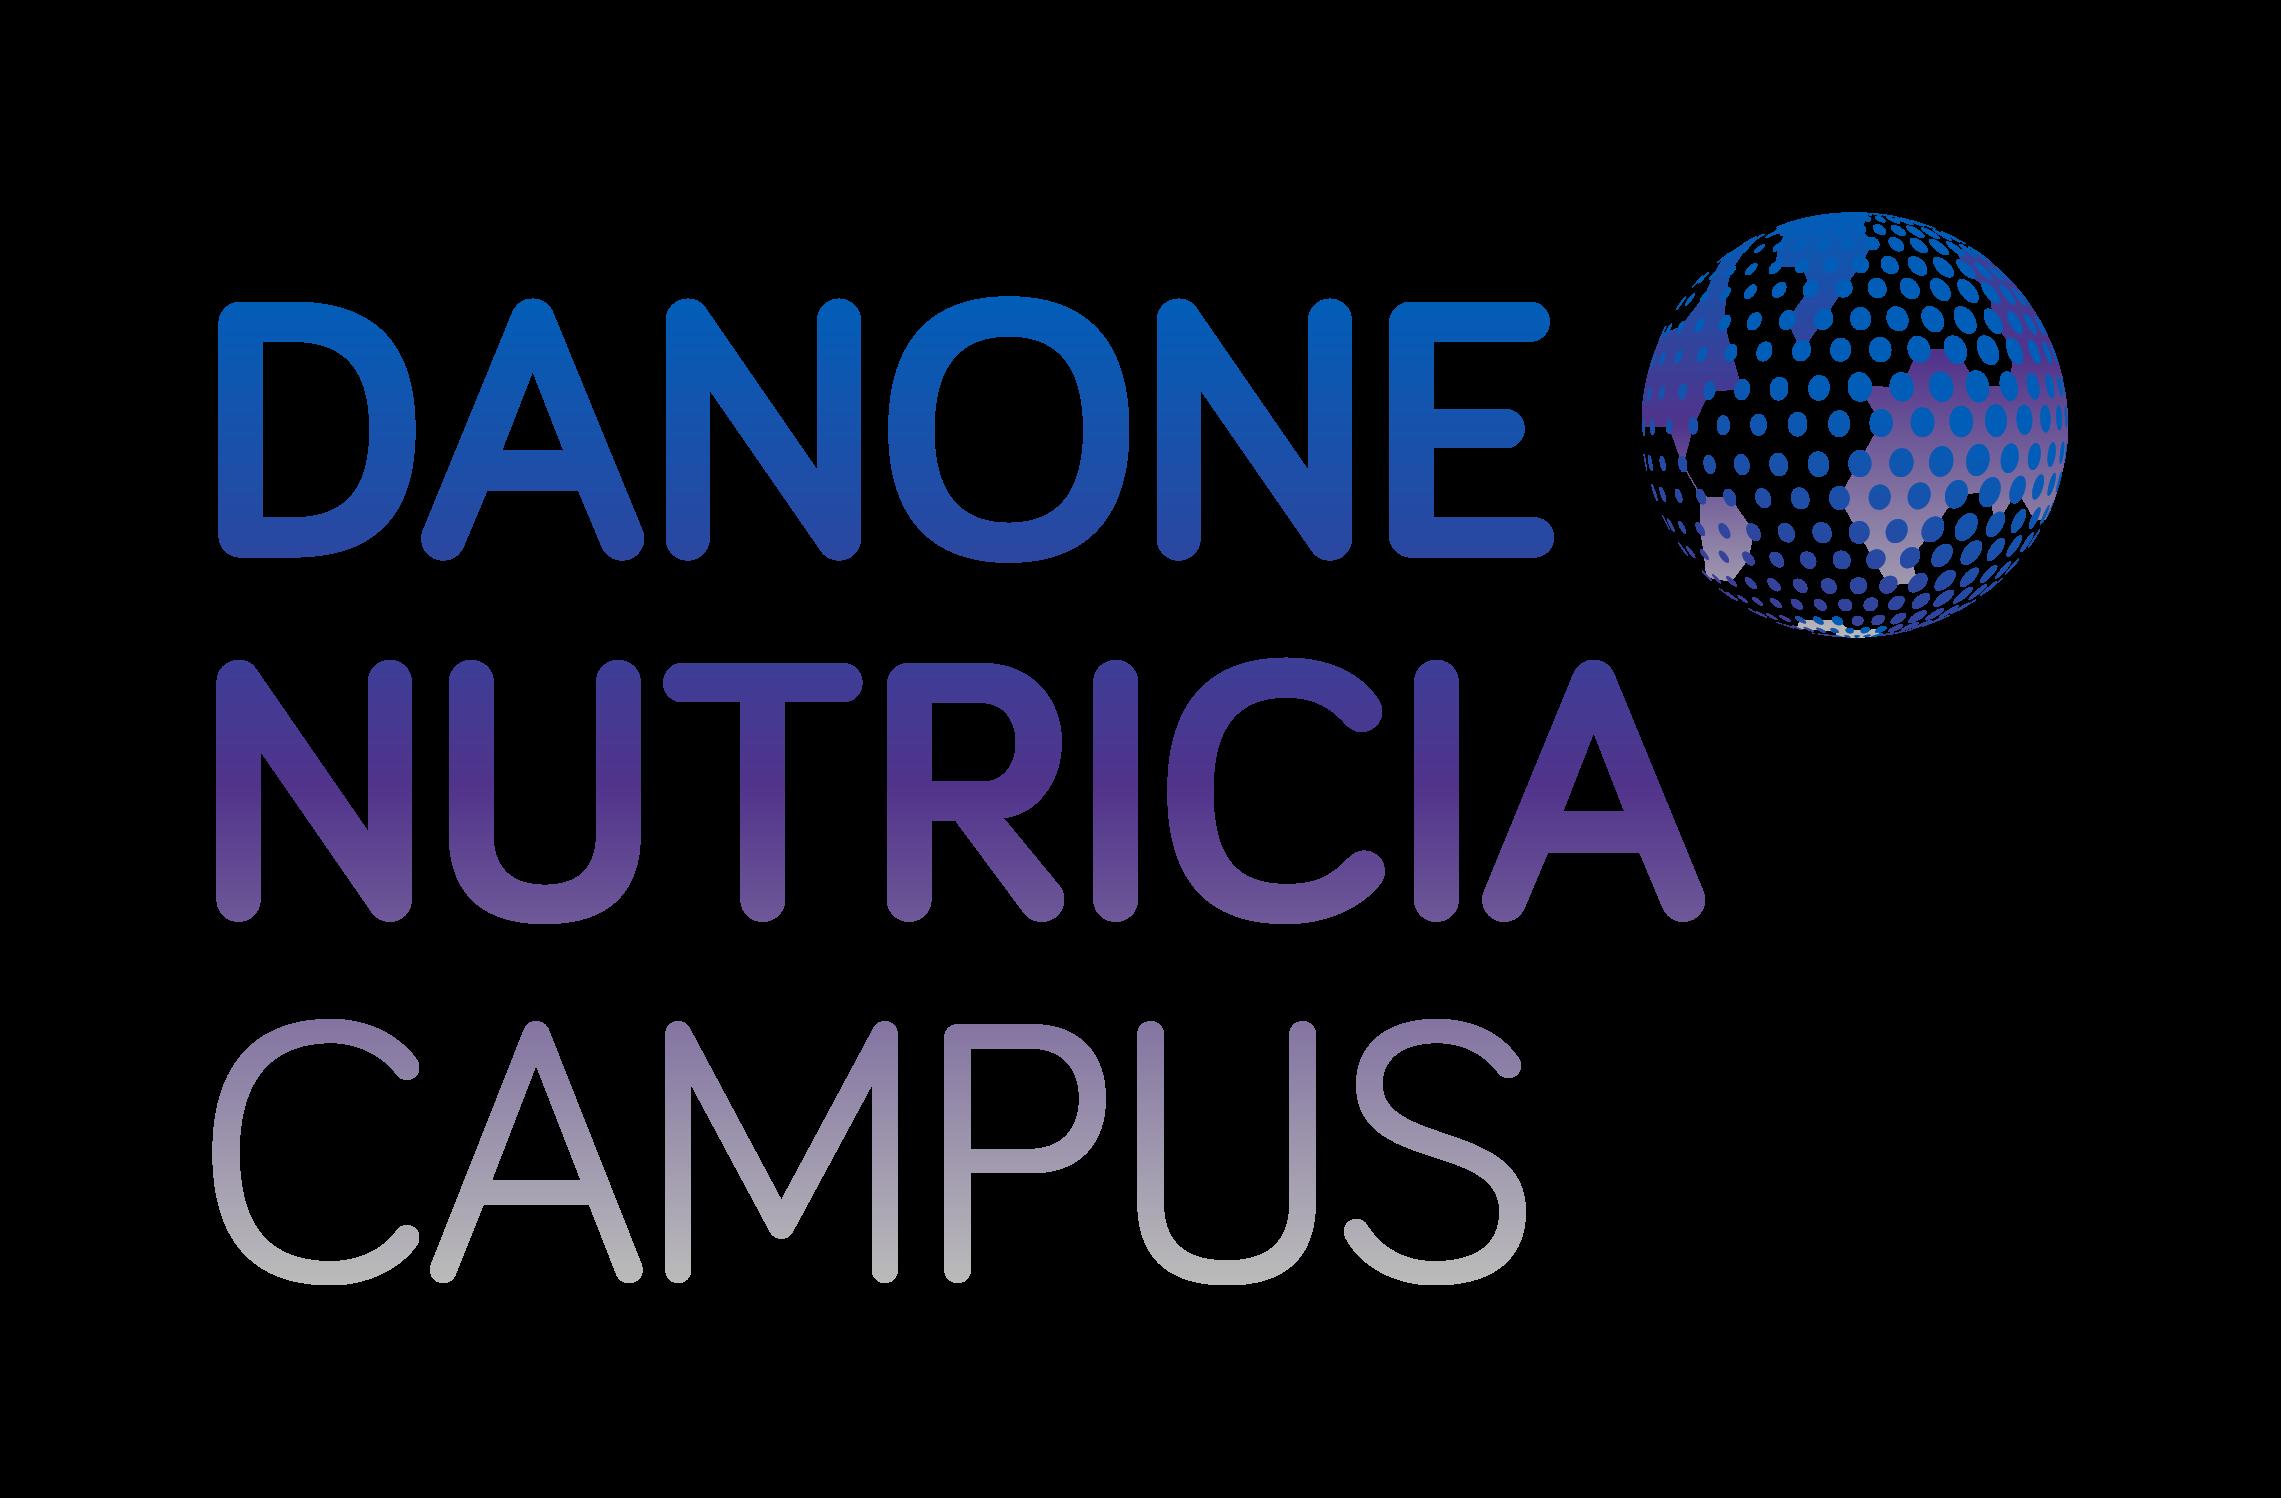 Danone Nutricia Campus